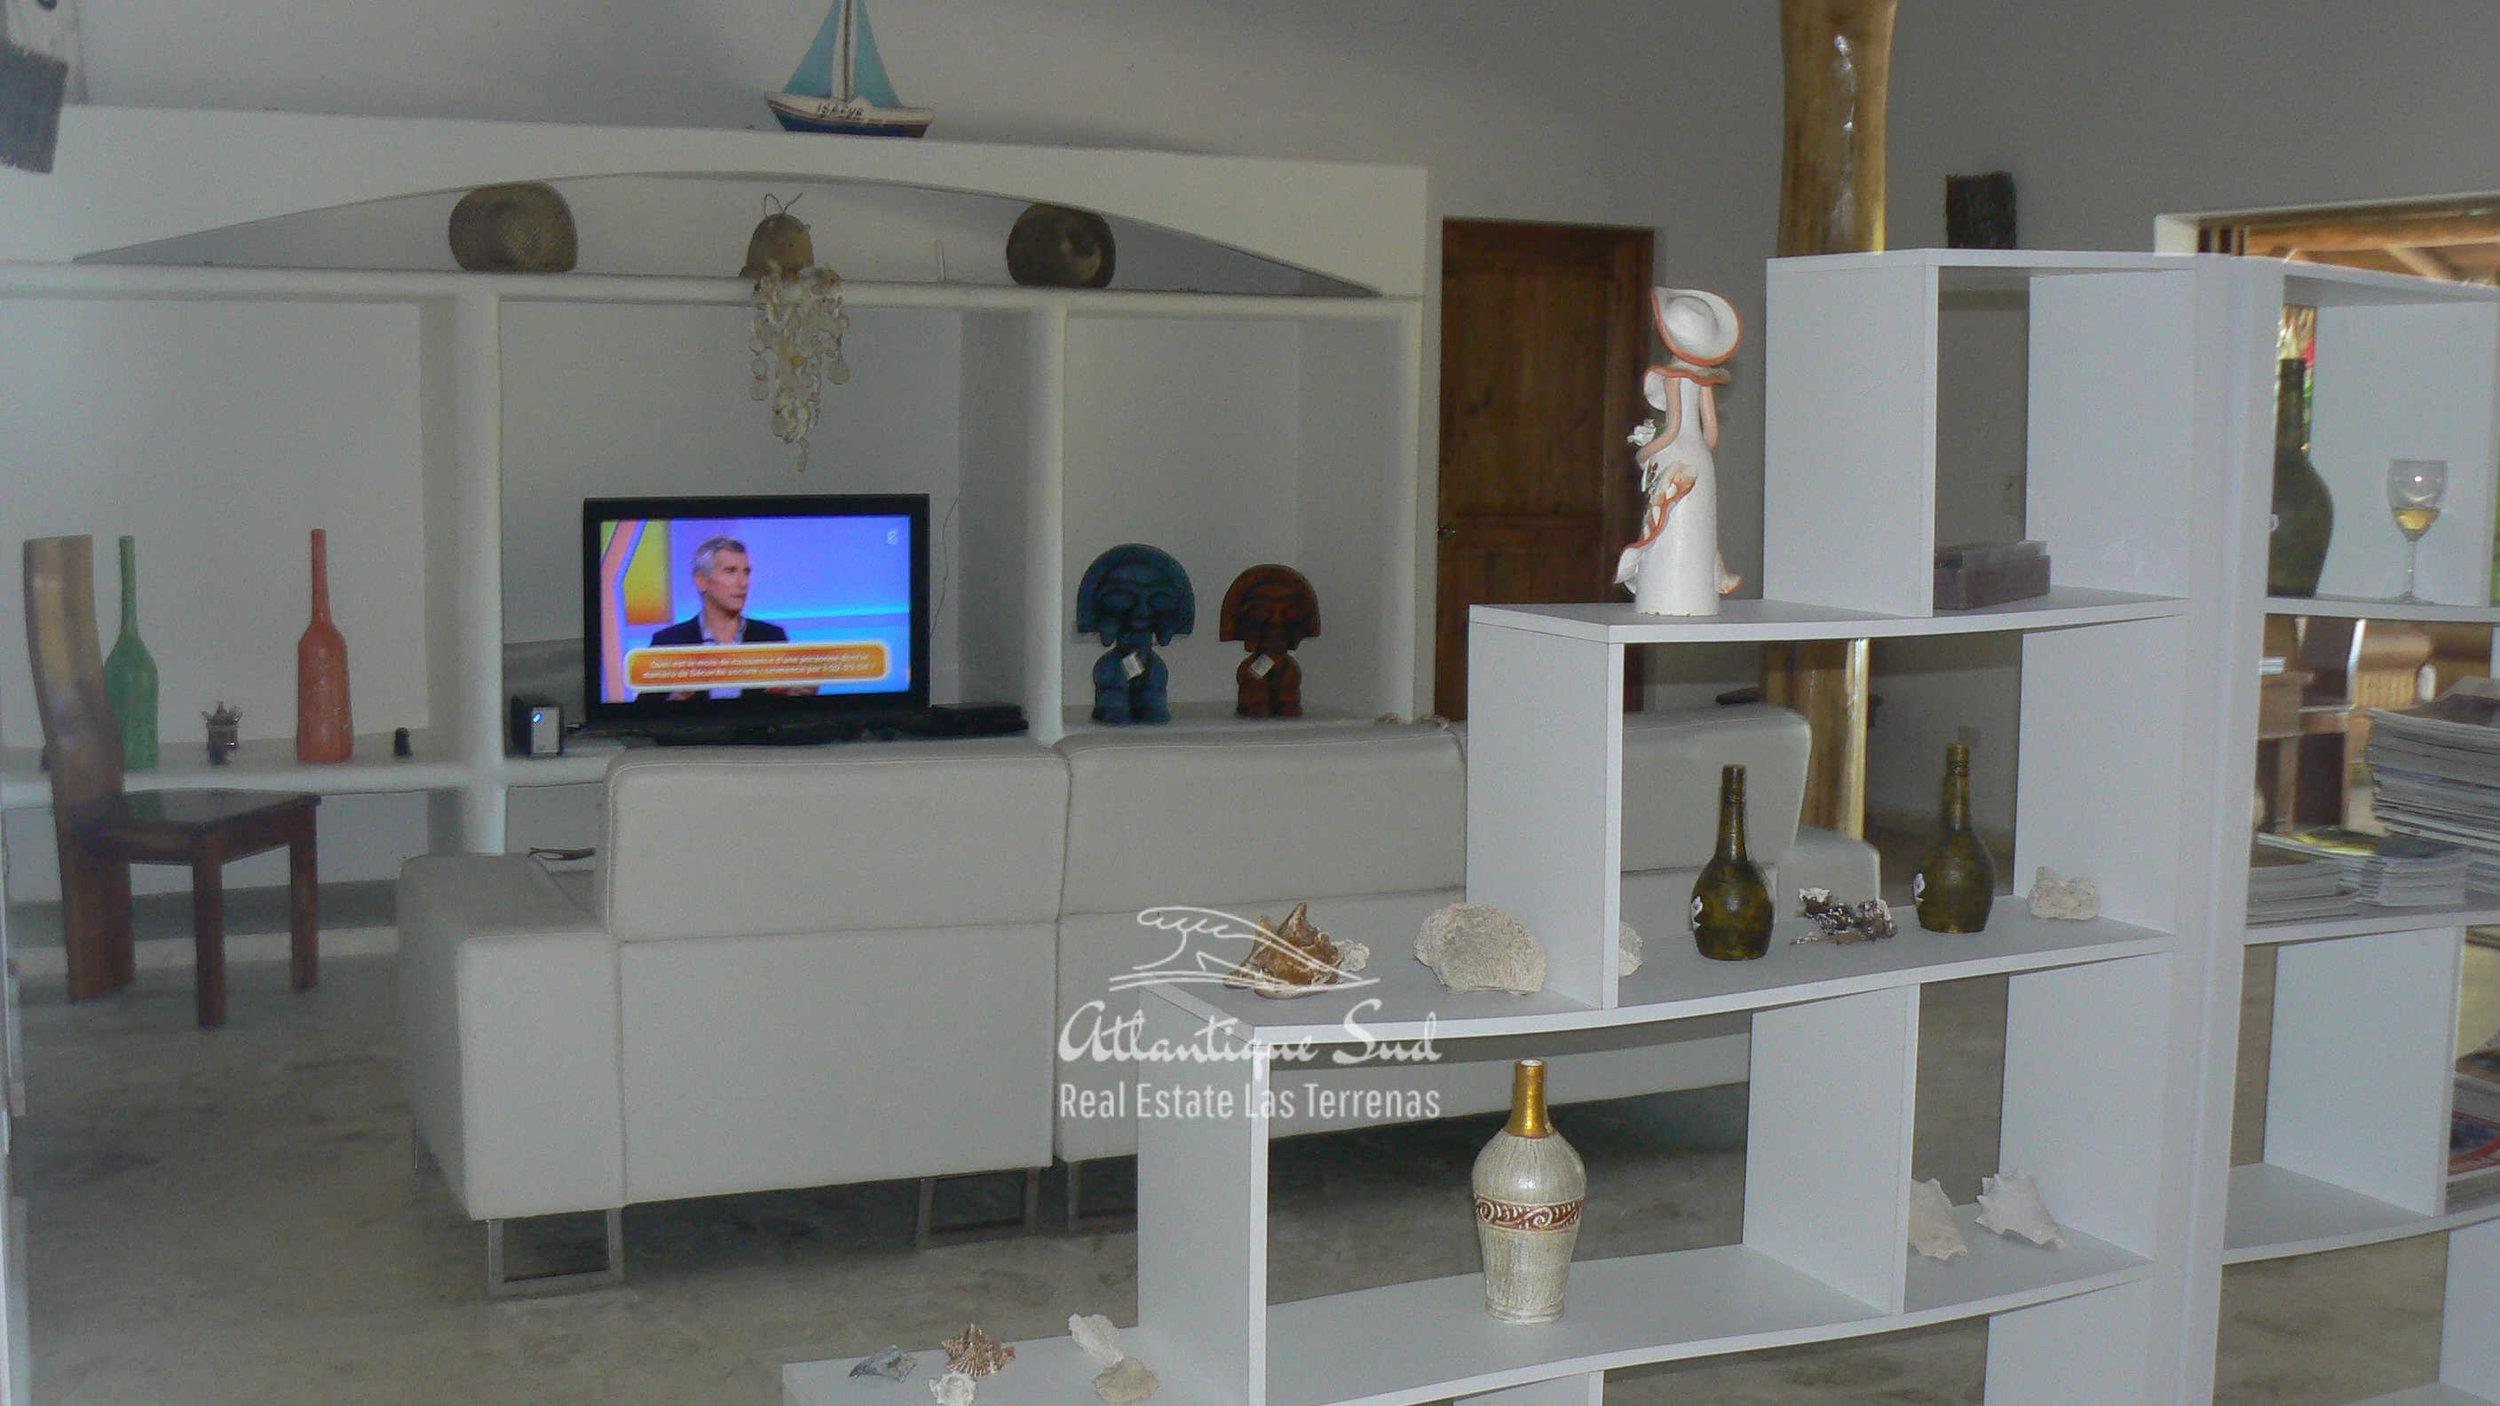 Villa in los nomadas for sale Las Terrenas DR 19.jpg